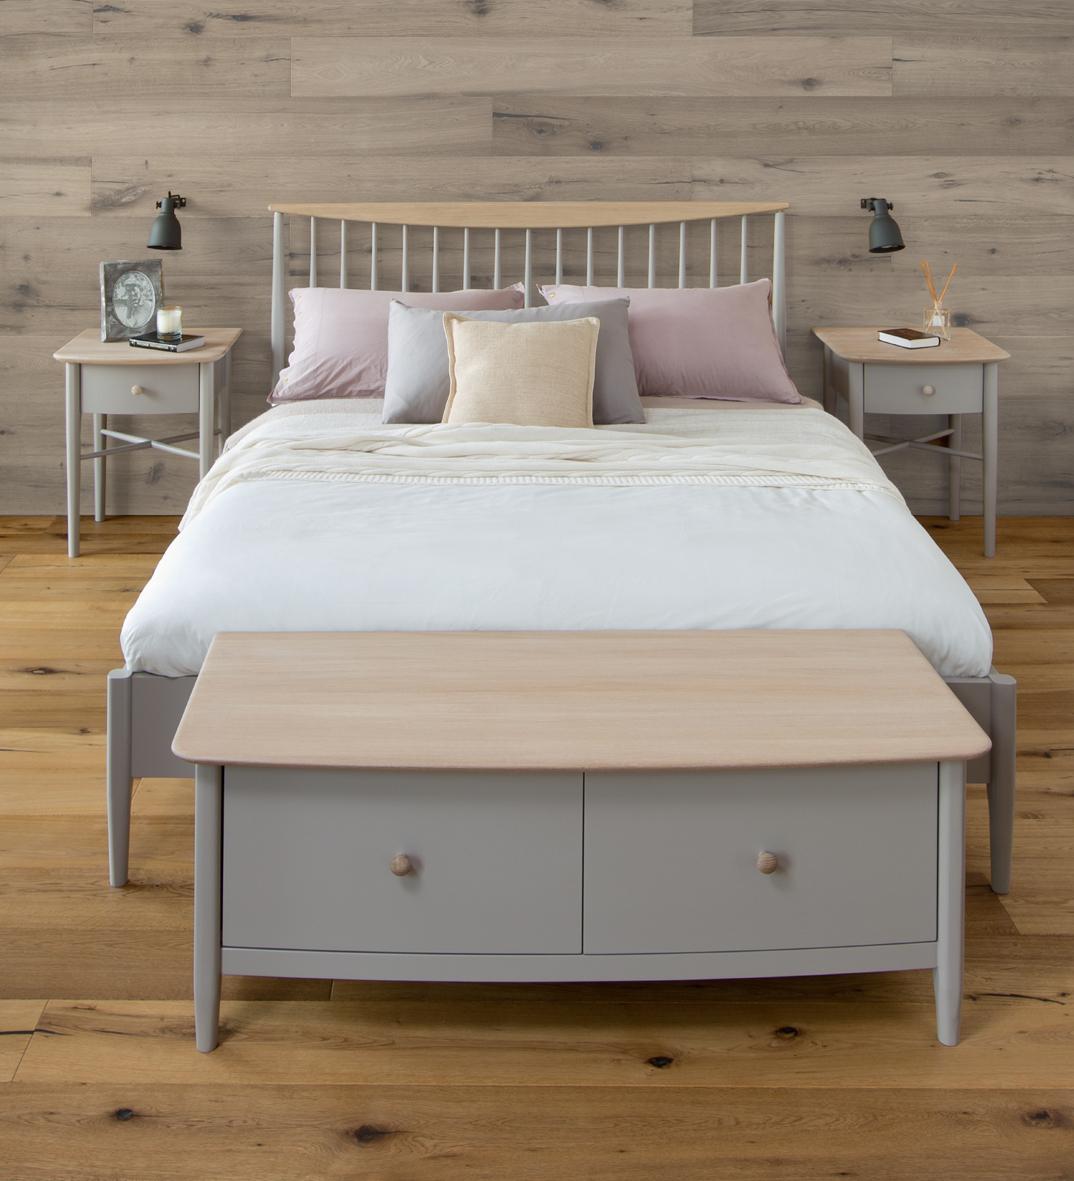 deko furniture. Furniture Elise Shows 1-12 / Total 18 Deko R